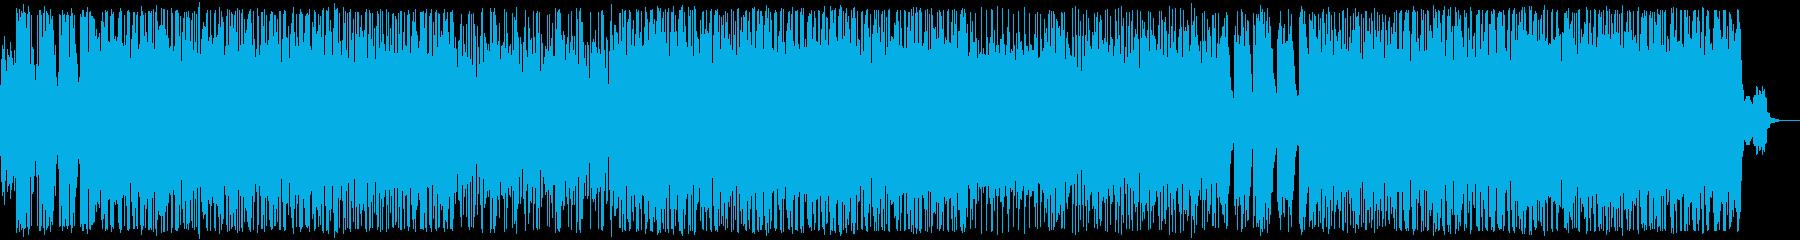 鈍重、激しい、悪そうなゴリゴリロックの再生済みの波形